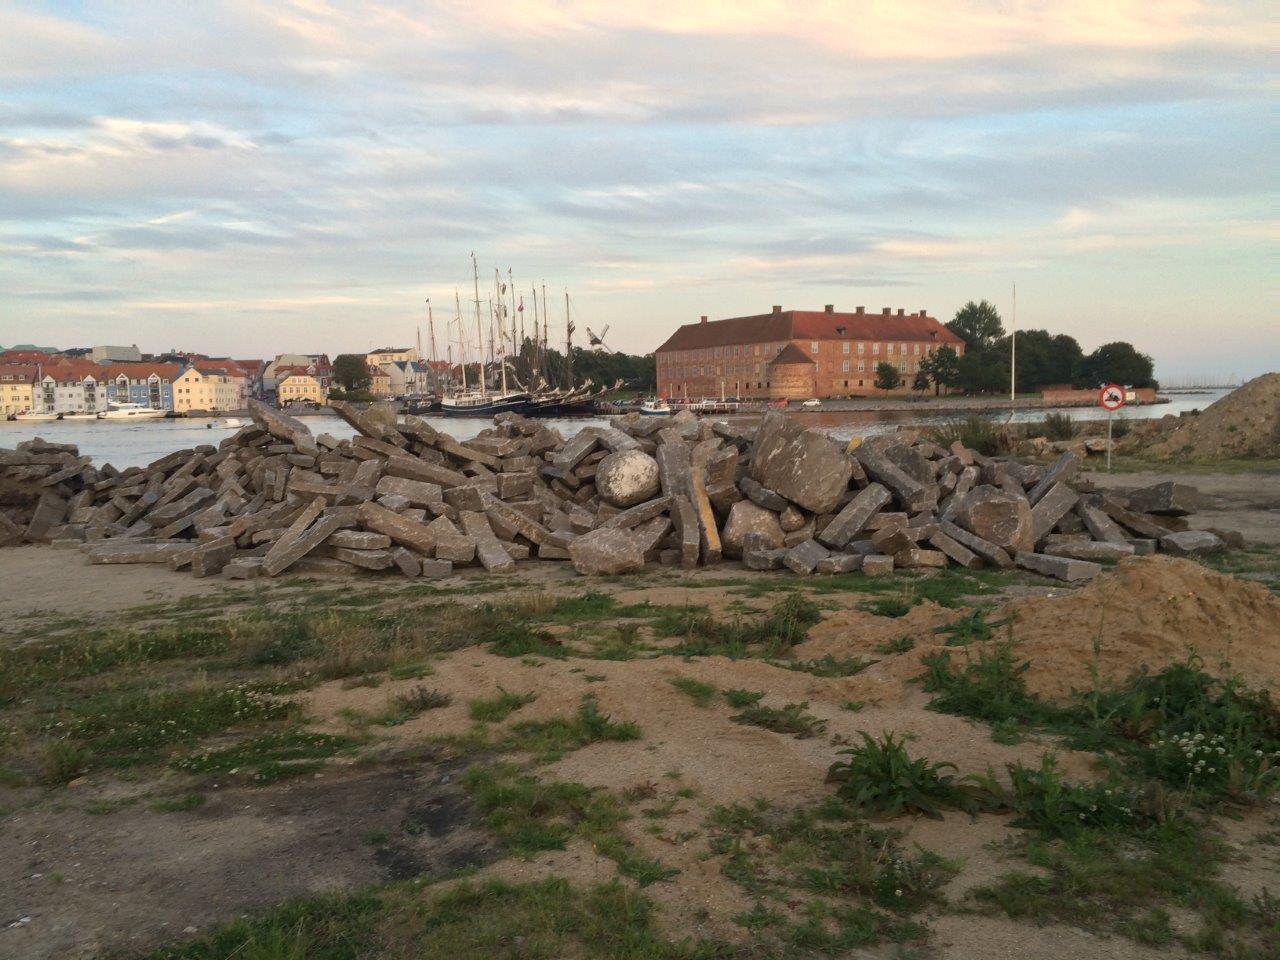 IMG_2534 - Sten til formidlingsrevet - på femåren med slottet i baggrunden